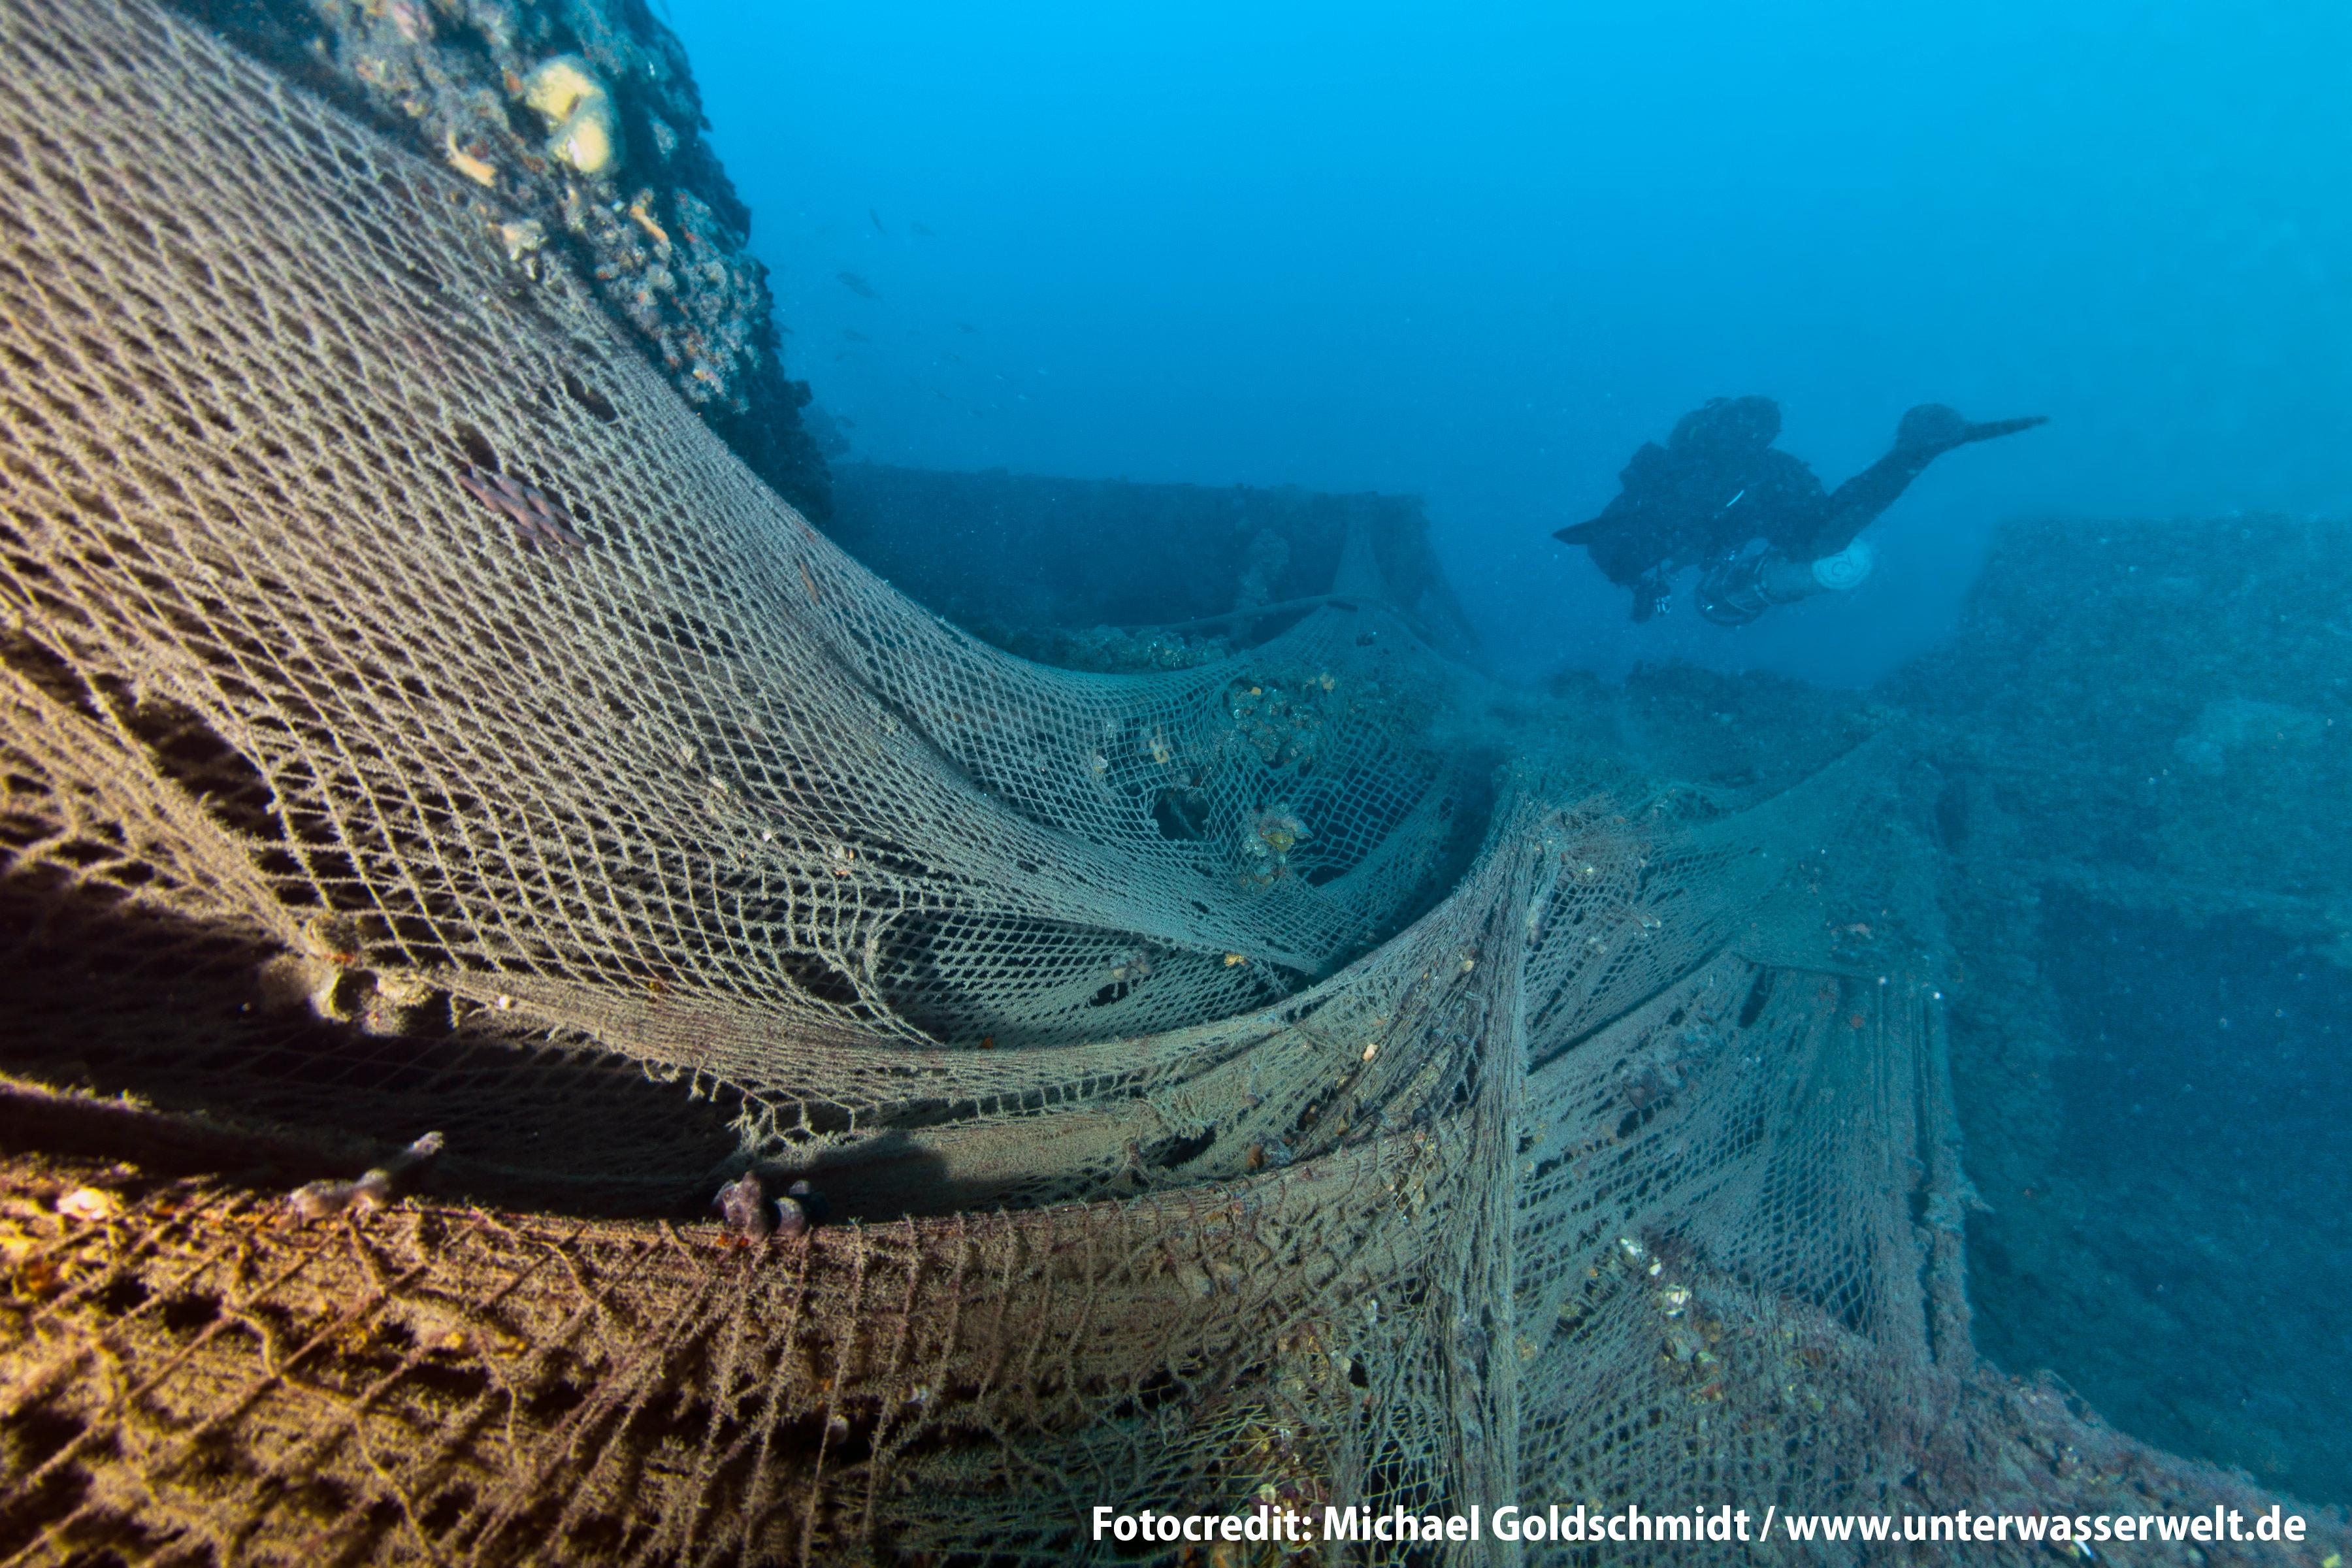 Rettet die Schweinswale: Mit einer Patenschaft für Schweinswale